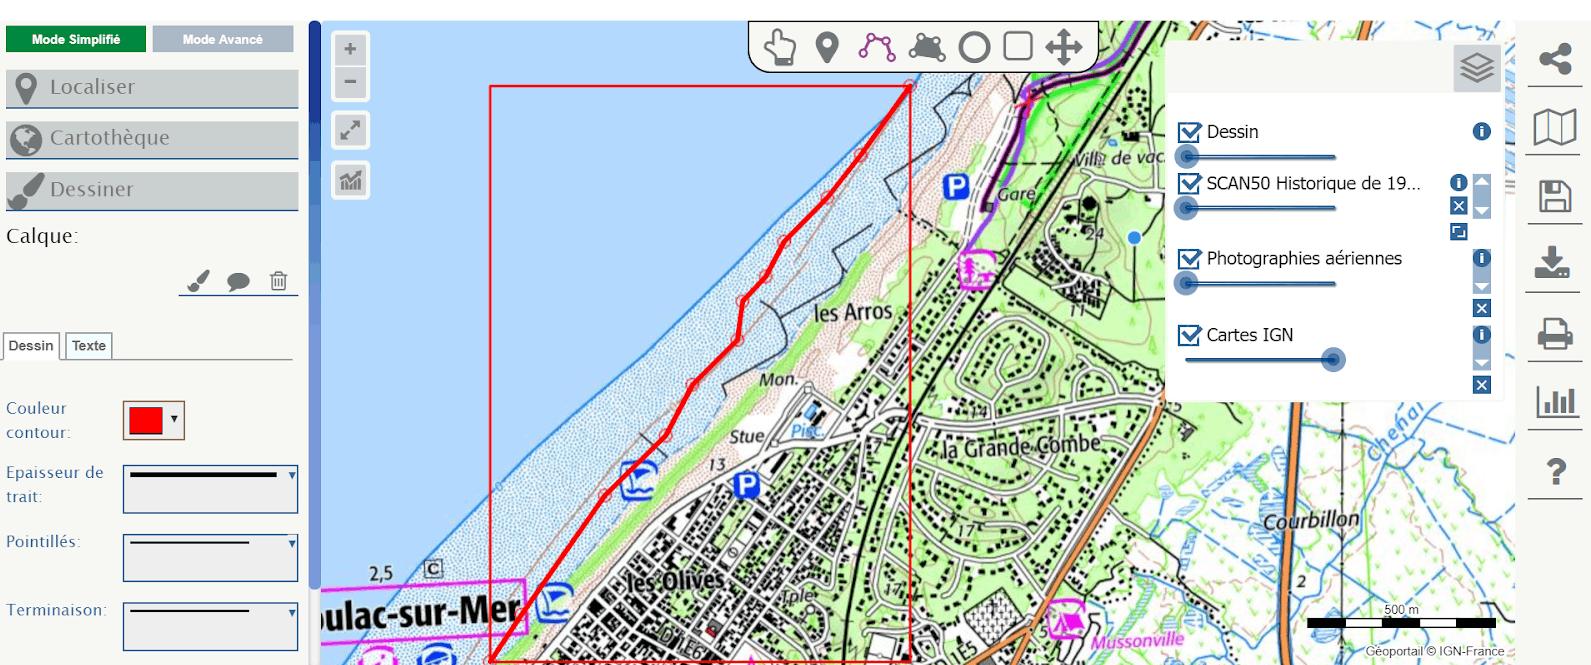 L'érosion littorale sur la côte aquitaine